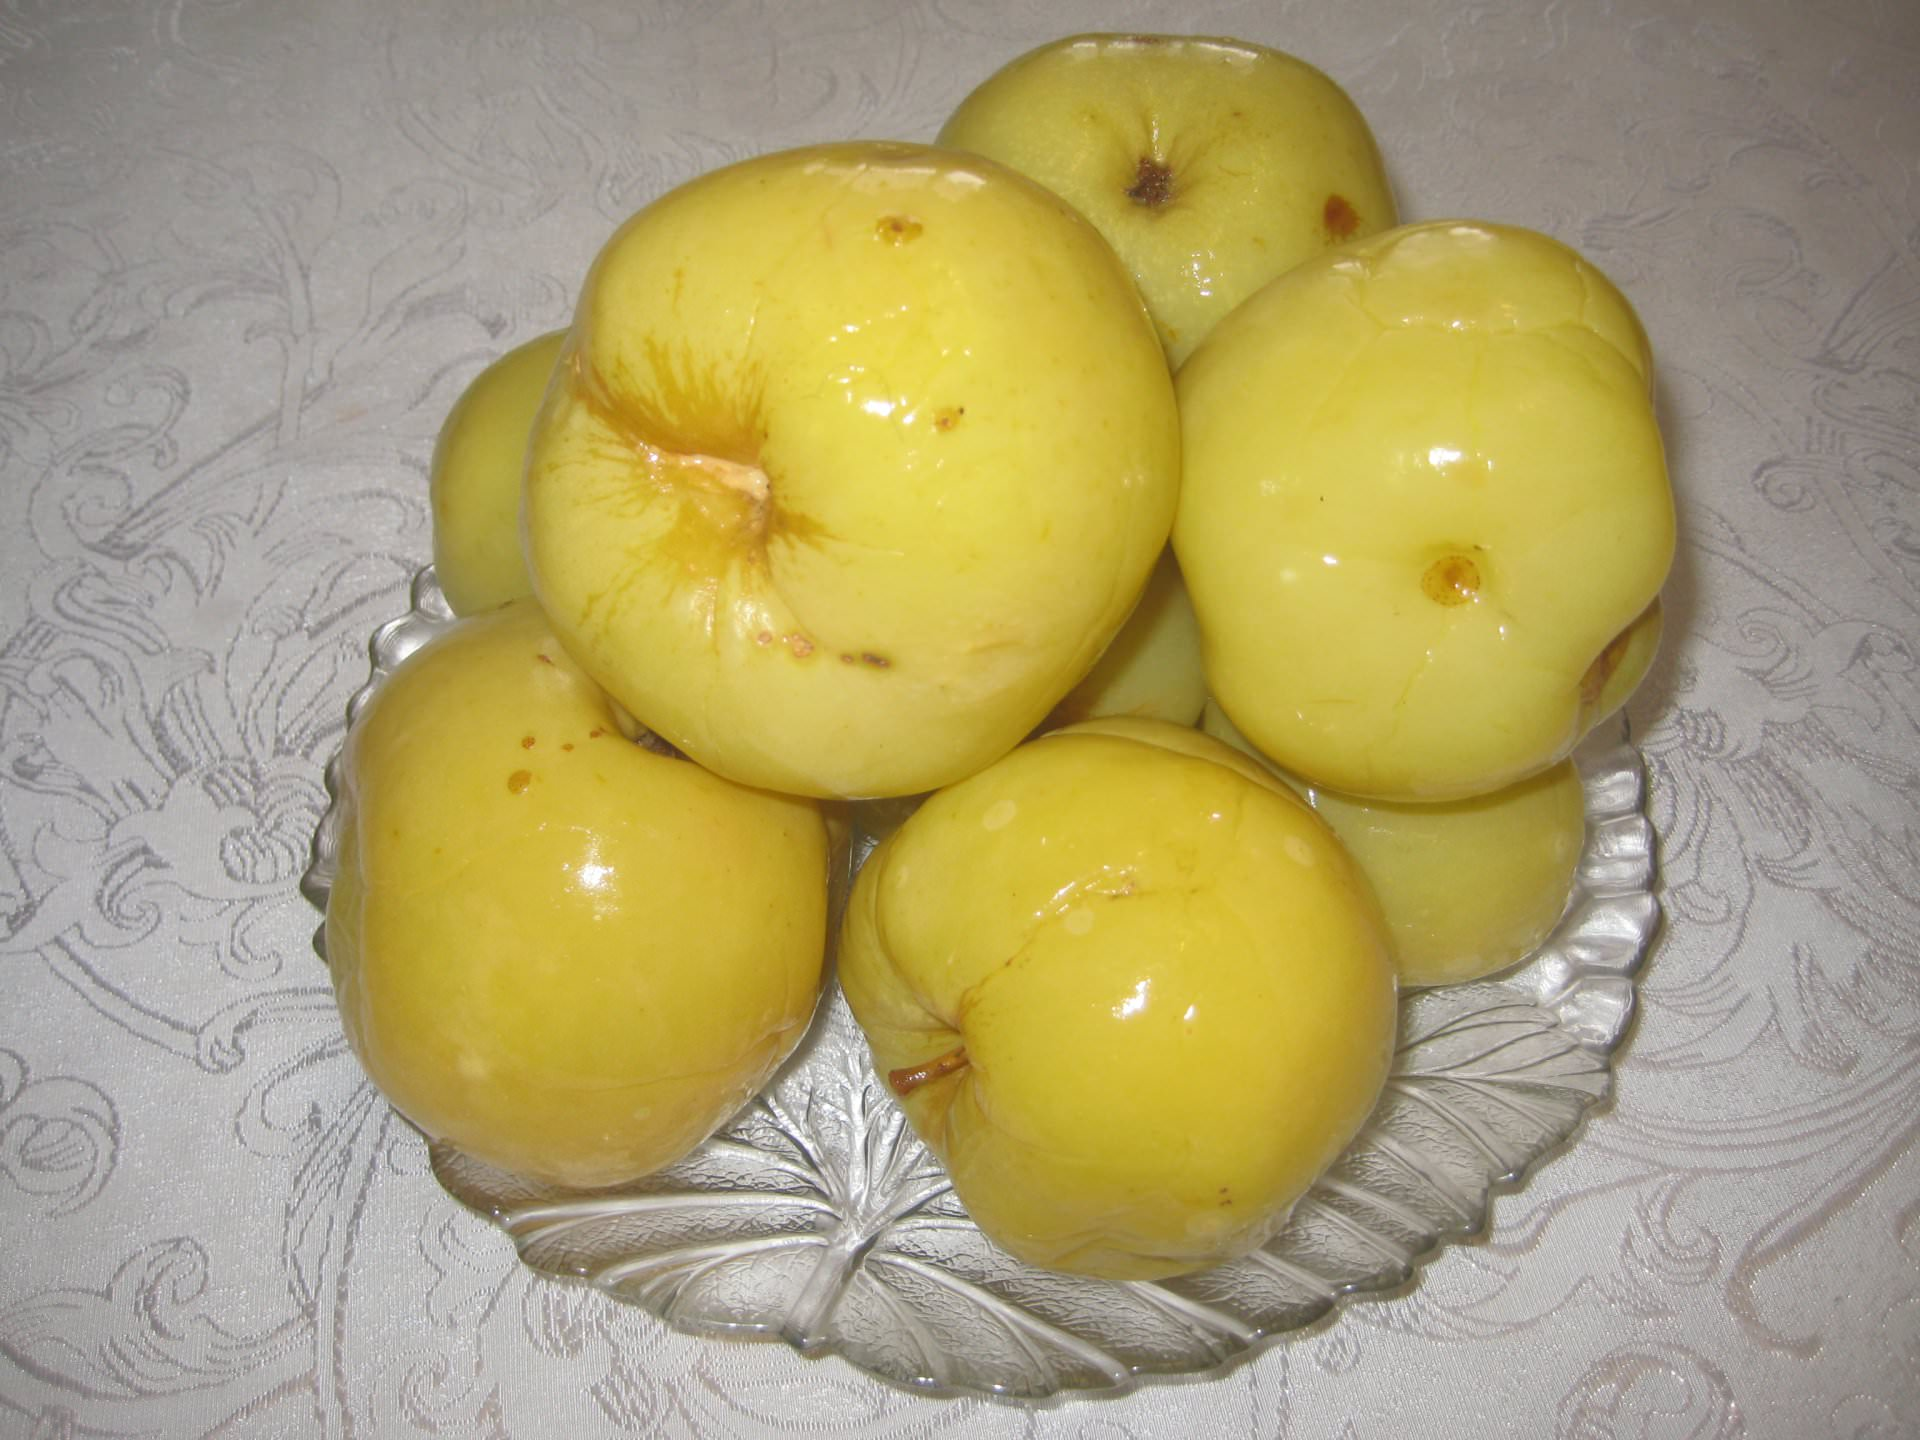 Яблоки, квашенные рассолом, должны настаиваться 3 недели